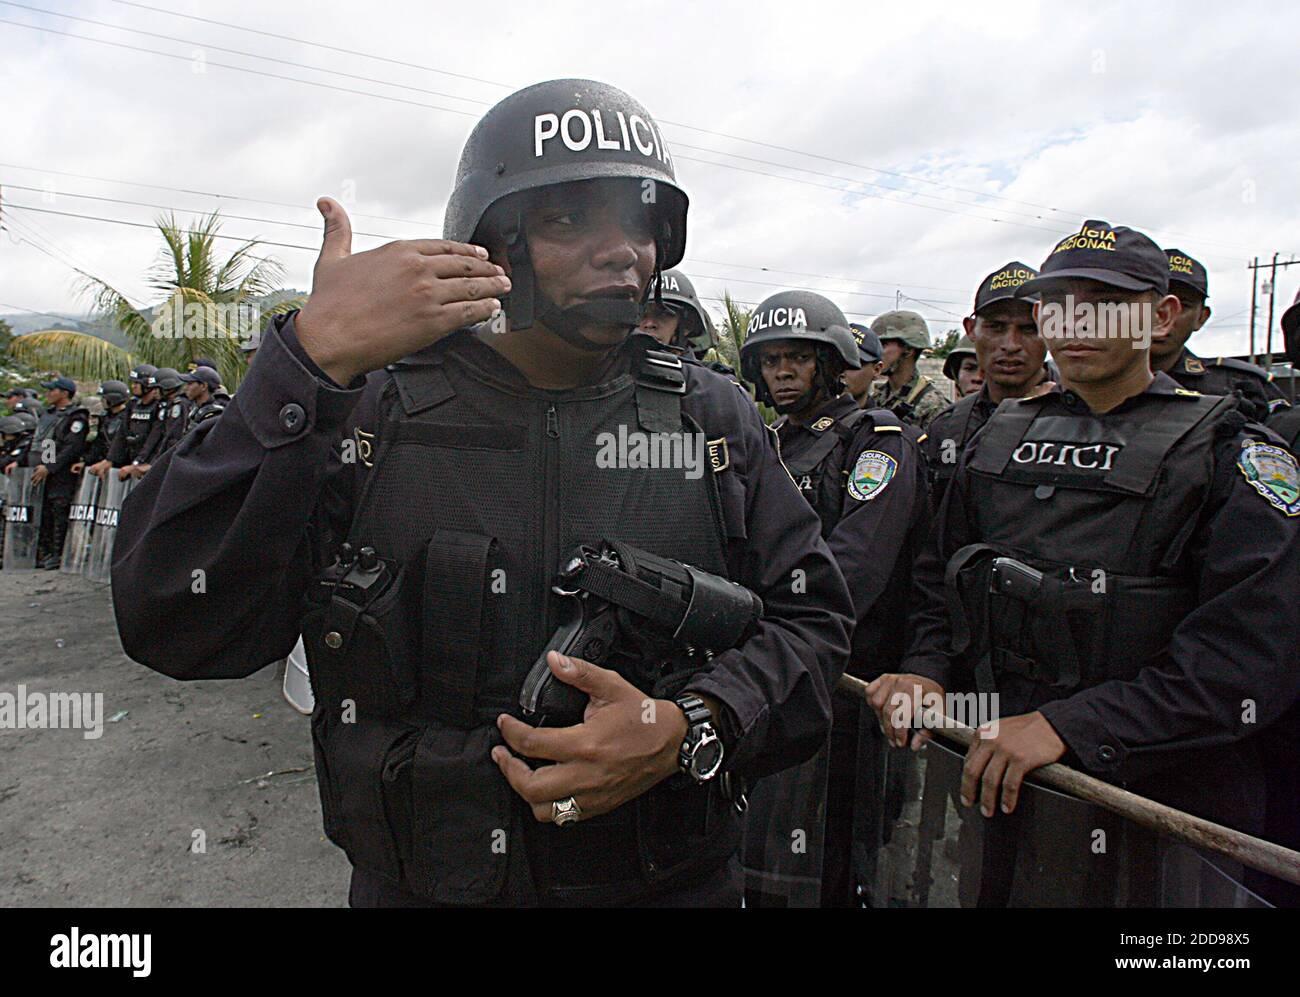 KEIN FILM, KEIN VIDEO, KEIN Fernsehen, KEIN DOKUMENTARFILM - honduranische Polizei und Soldaten der Armee schließen den Eingang von Paraiso, einer Stadt in der Nähe der Grenze zu Nicaragua, Samstag, 25. Juli 2009. Die Grenze zwischen Honduras und Nicaragua bleibt geschlossen, während der gestürzten Staatspräsident Manuel Zelaya mit einer Gruppe von Unterstützern auf Nicaraguas Seite blieb. Foto von Pedro Portal/EL Nuevo Herald/Miami Herald/MCT/ABACAPRESS.COM Stockfoto